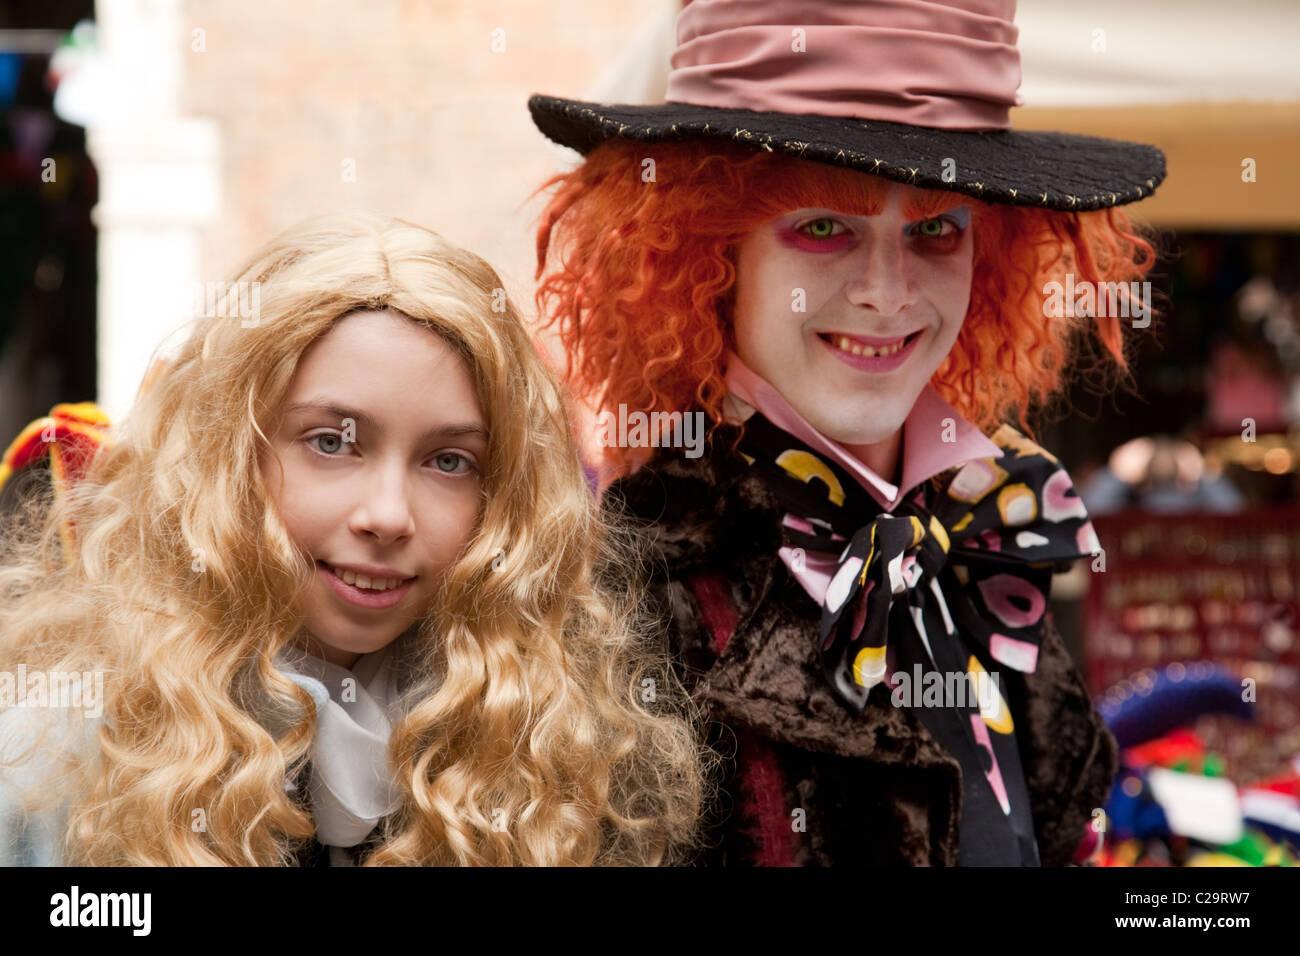 Dos personas en el vestuario de Alicia en el país de las maravillas personajes: Alicia y el Sombrerero Loco, Imagen De Stock